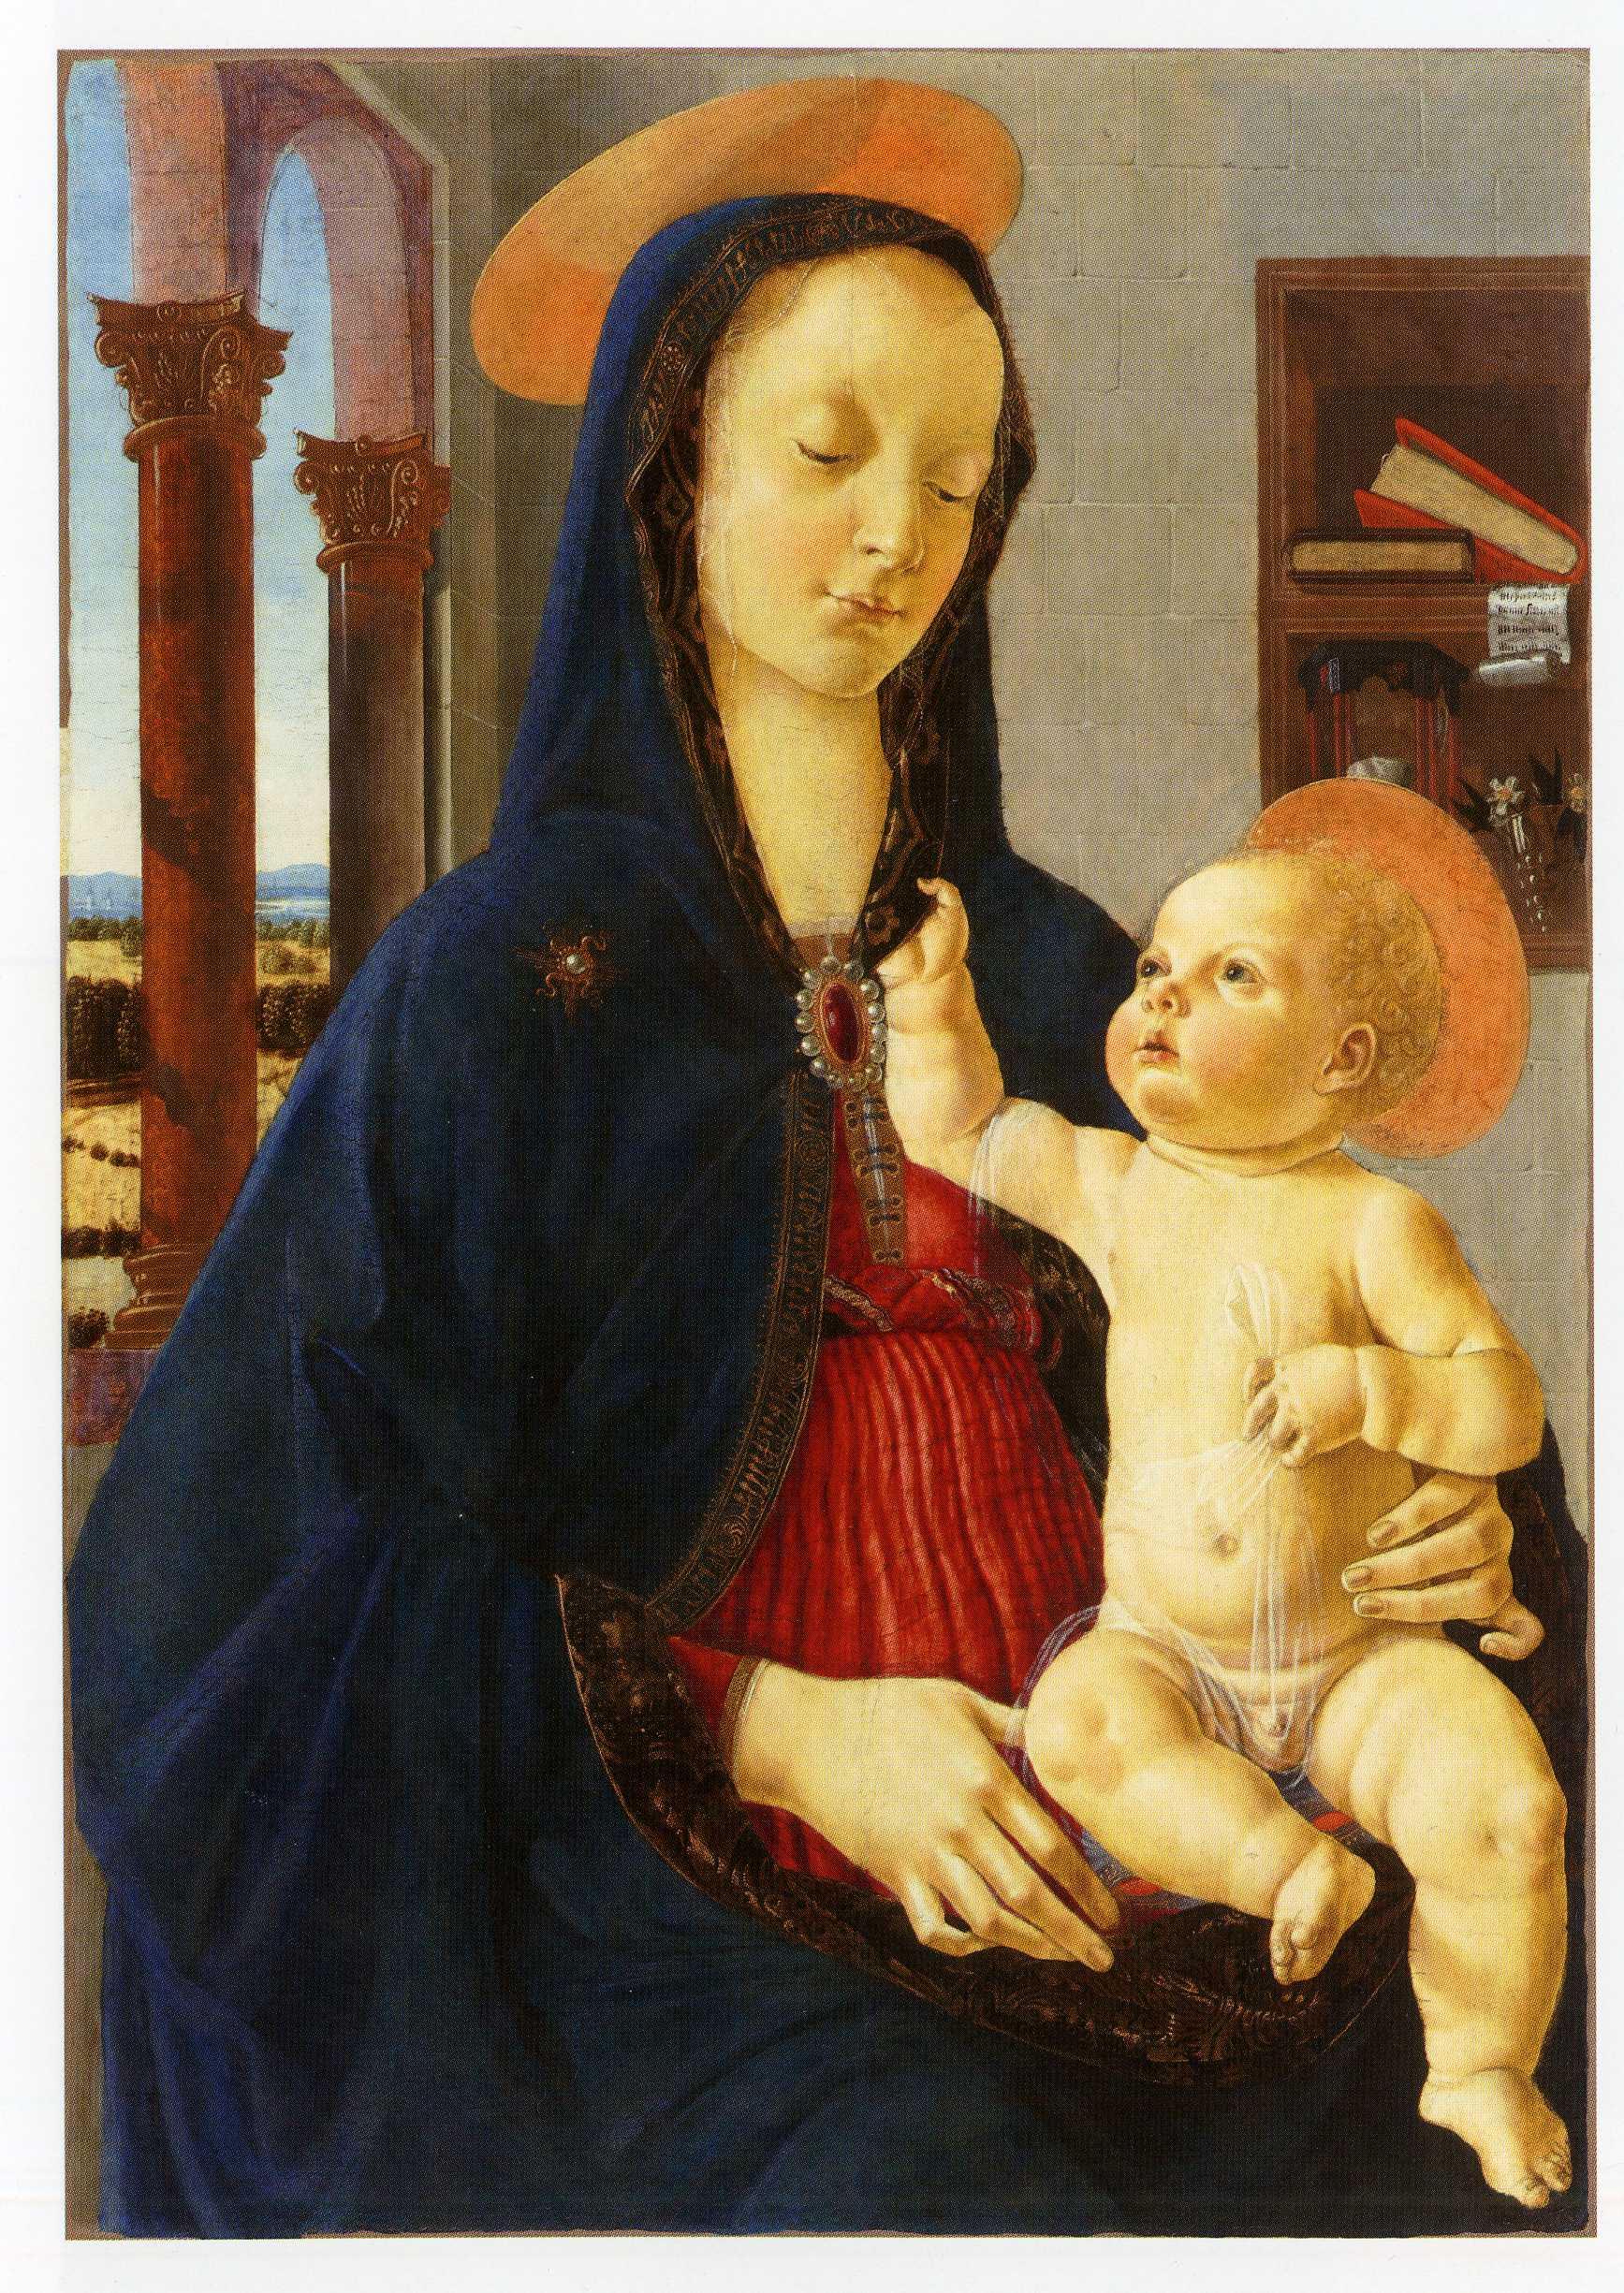 ドメニコ・ギルランダイオ《聖母子》ルーブル